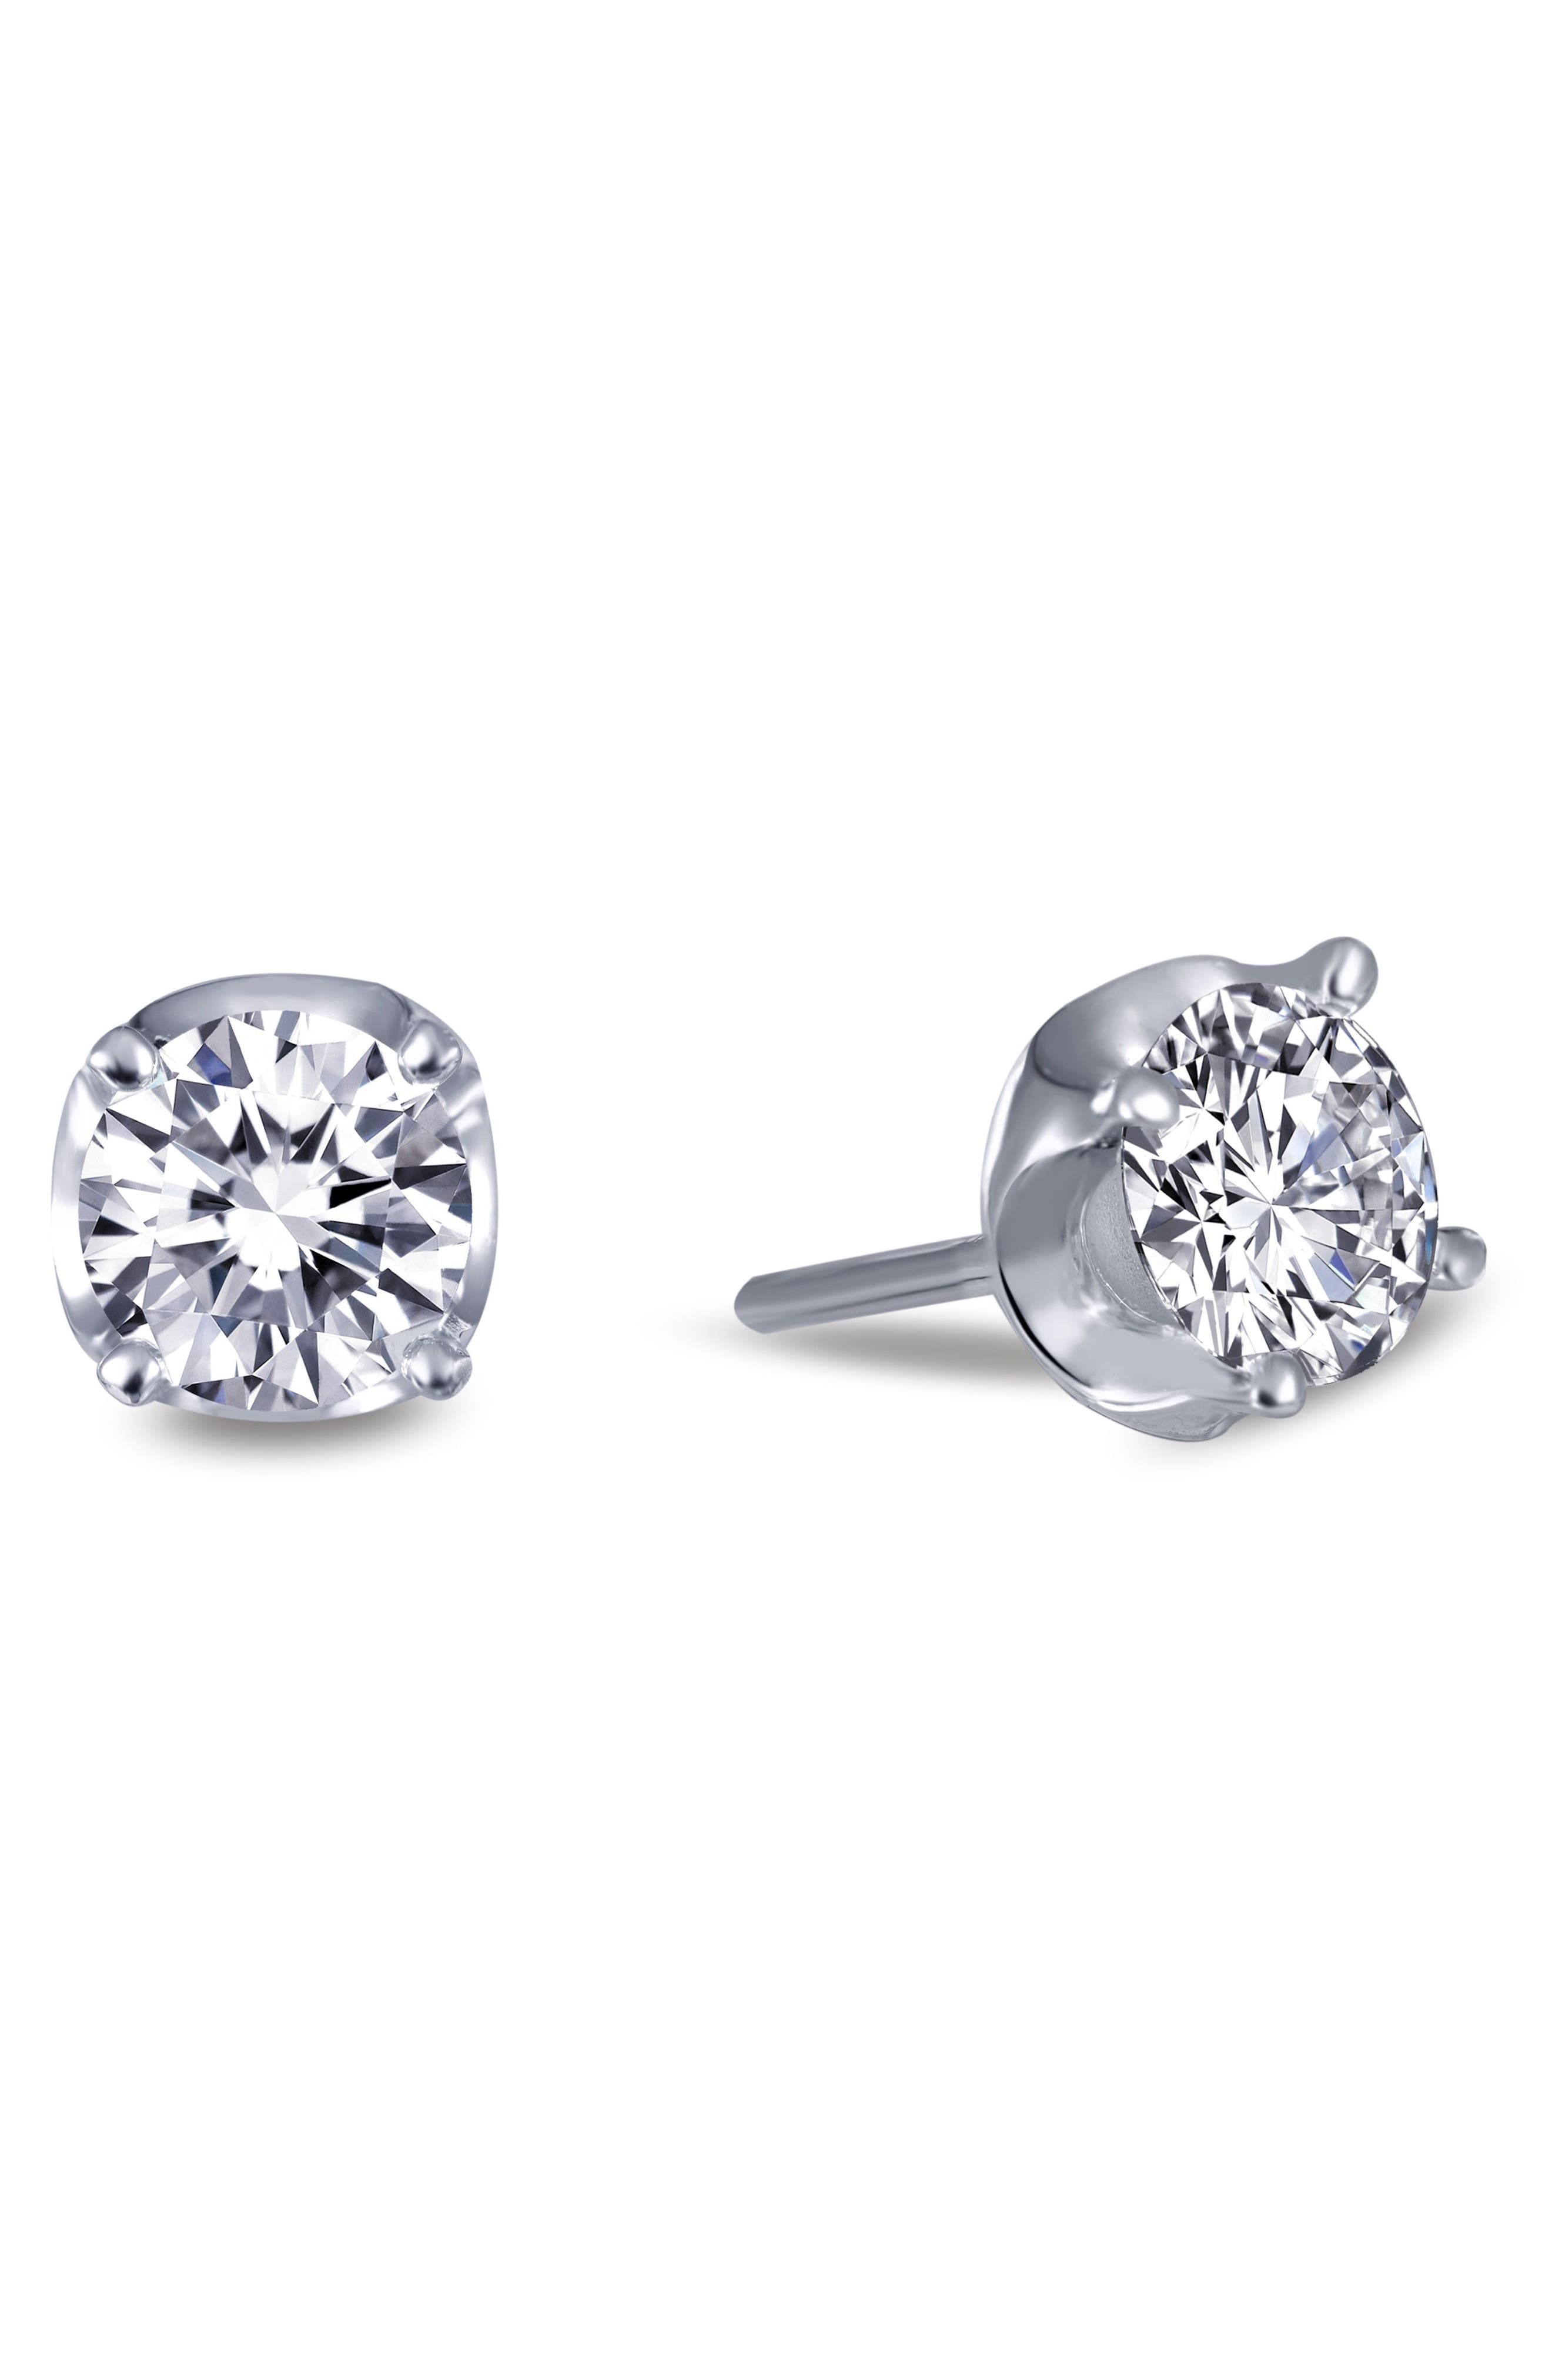 Simulated Diamond Stud Earrings,                             Alternate thumbnail 3, color,                             100